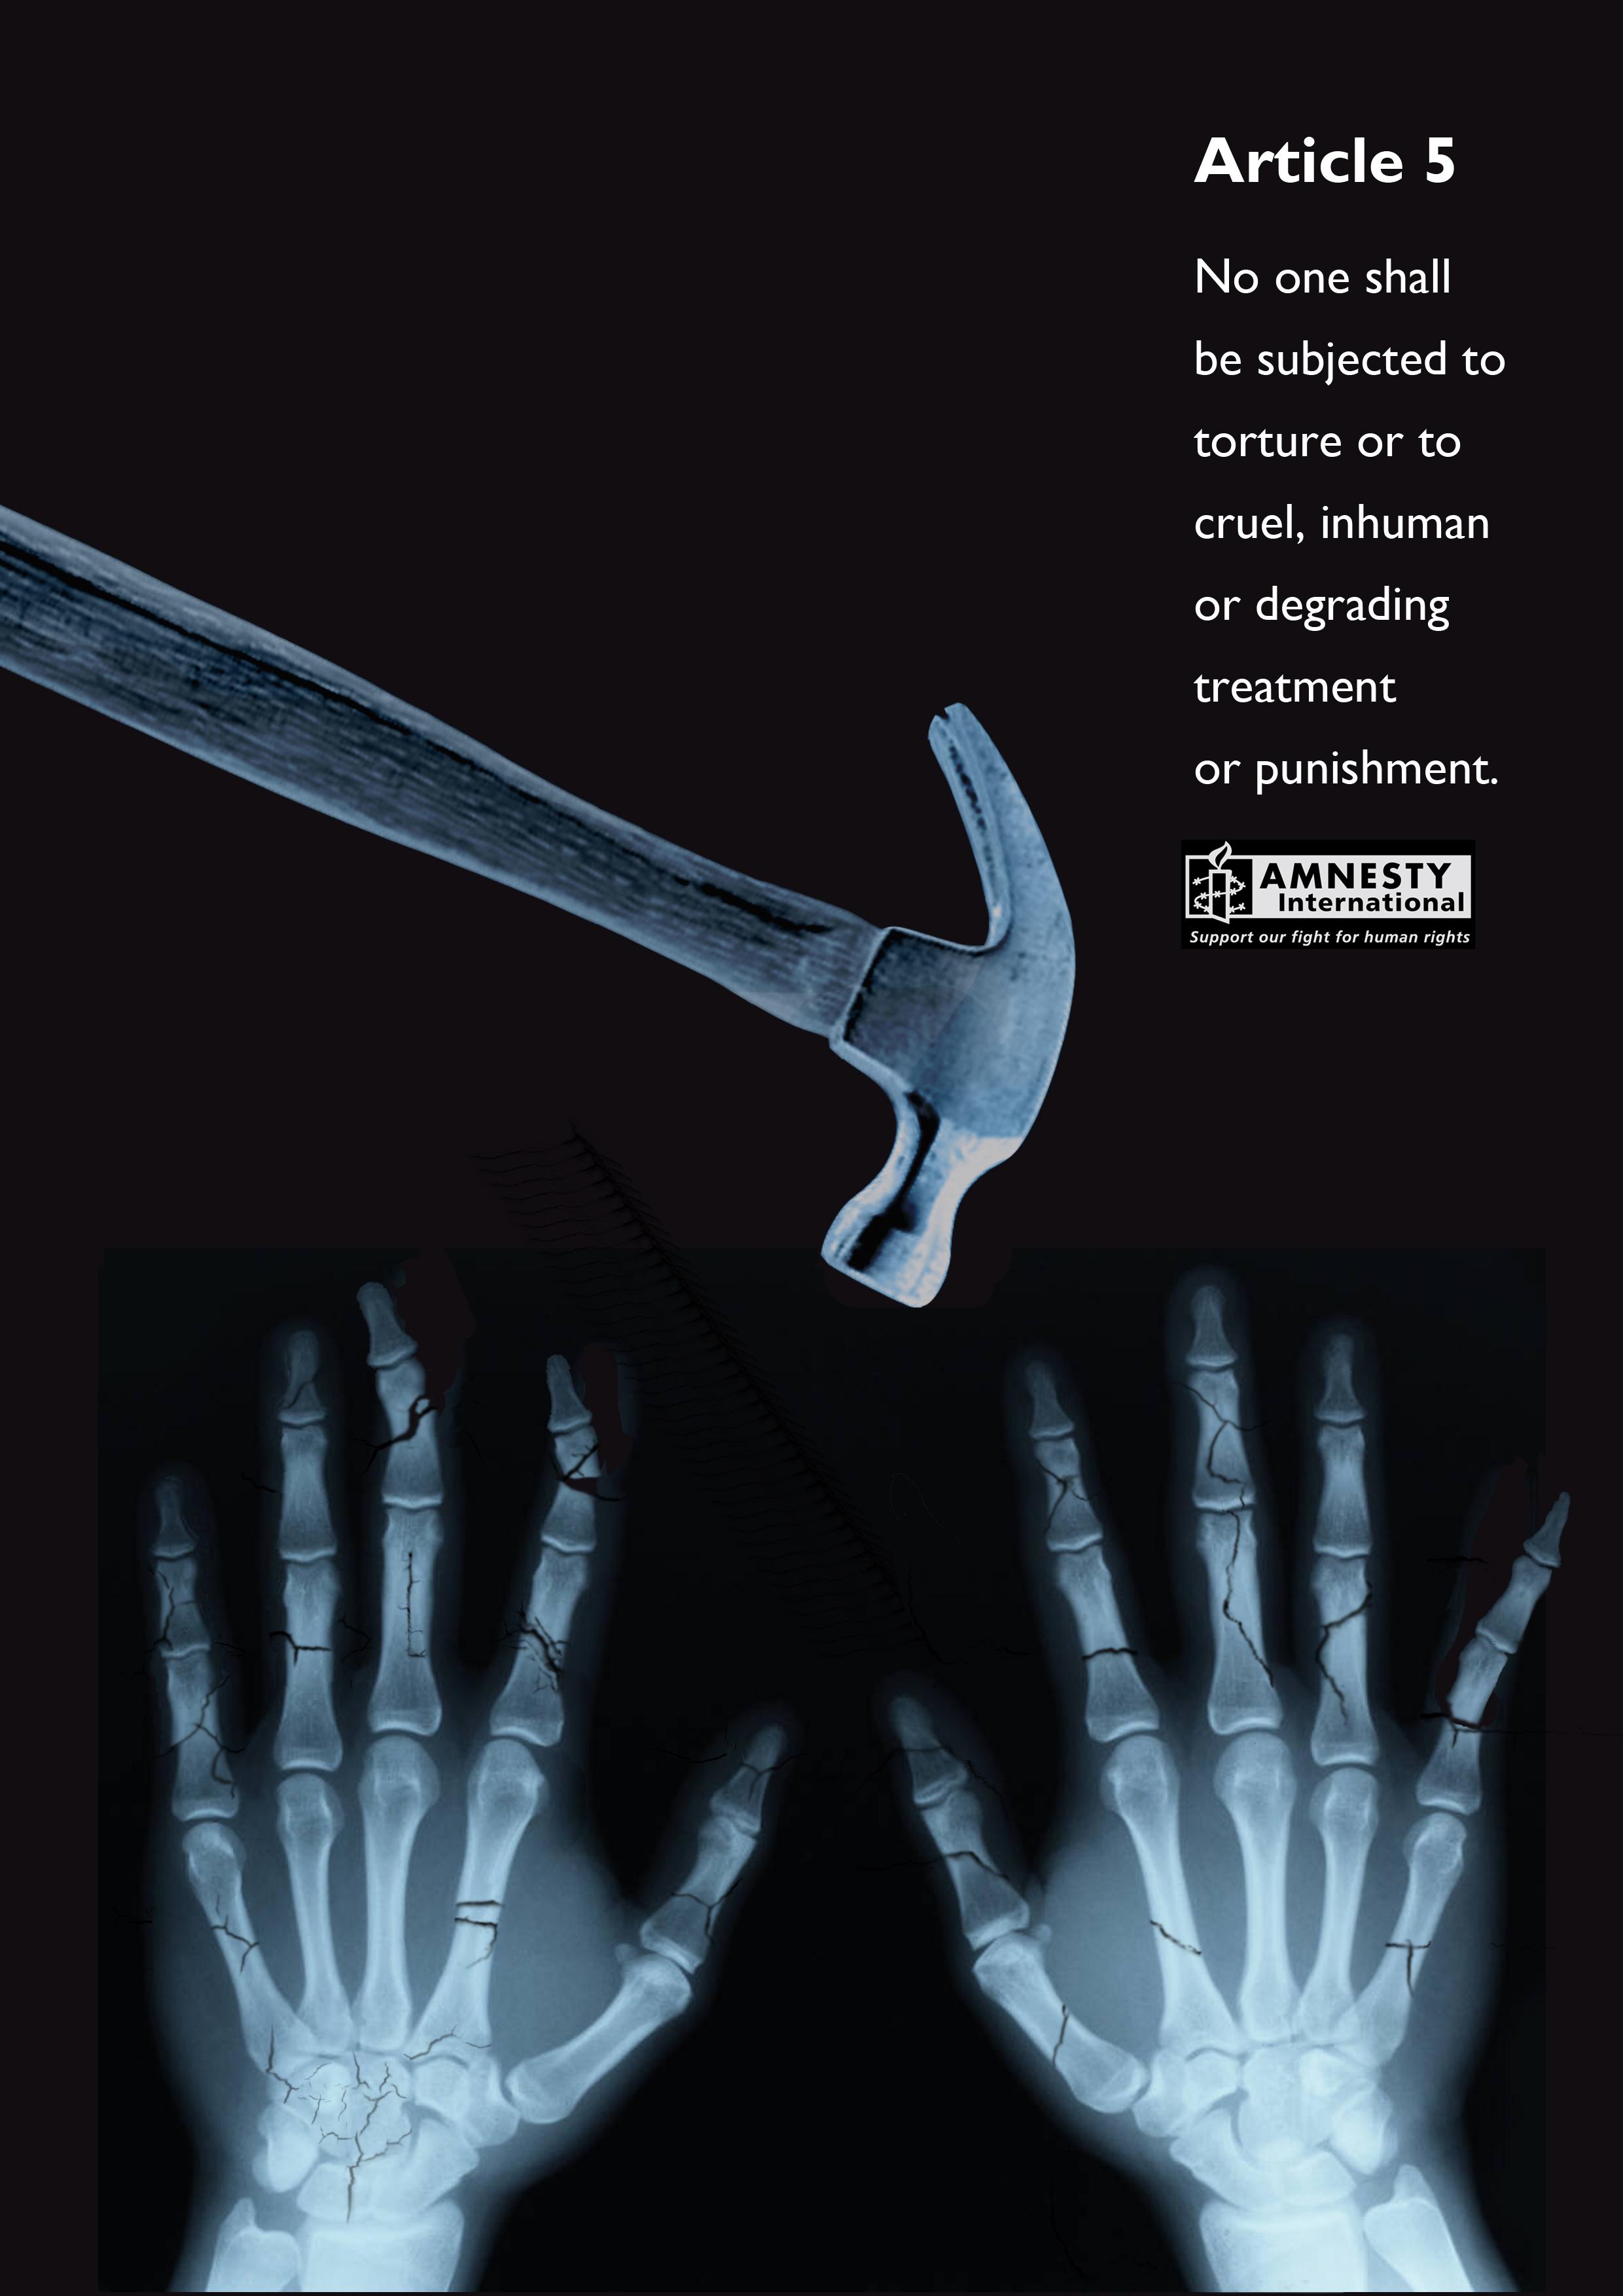 05.09.2011 – Έκθεση του Εθνικού Μηχανισμού Πρόληψης των Βασανιστηρίων σε σχέση με τις συνθήκες κράτησης και τη μεταχείριση των κρατουμένων στις Κεντρικές Φυλακές